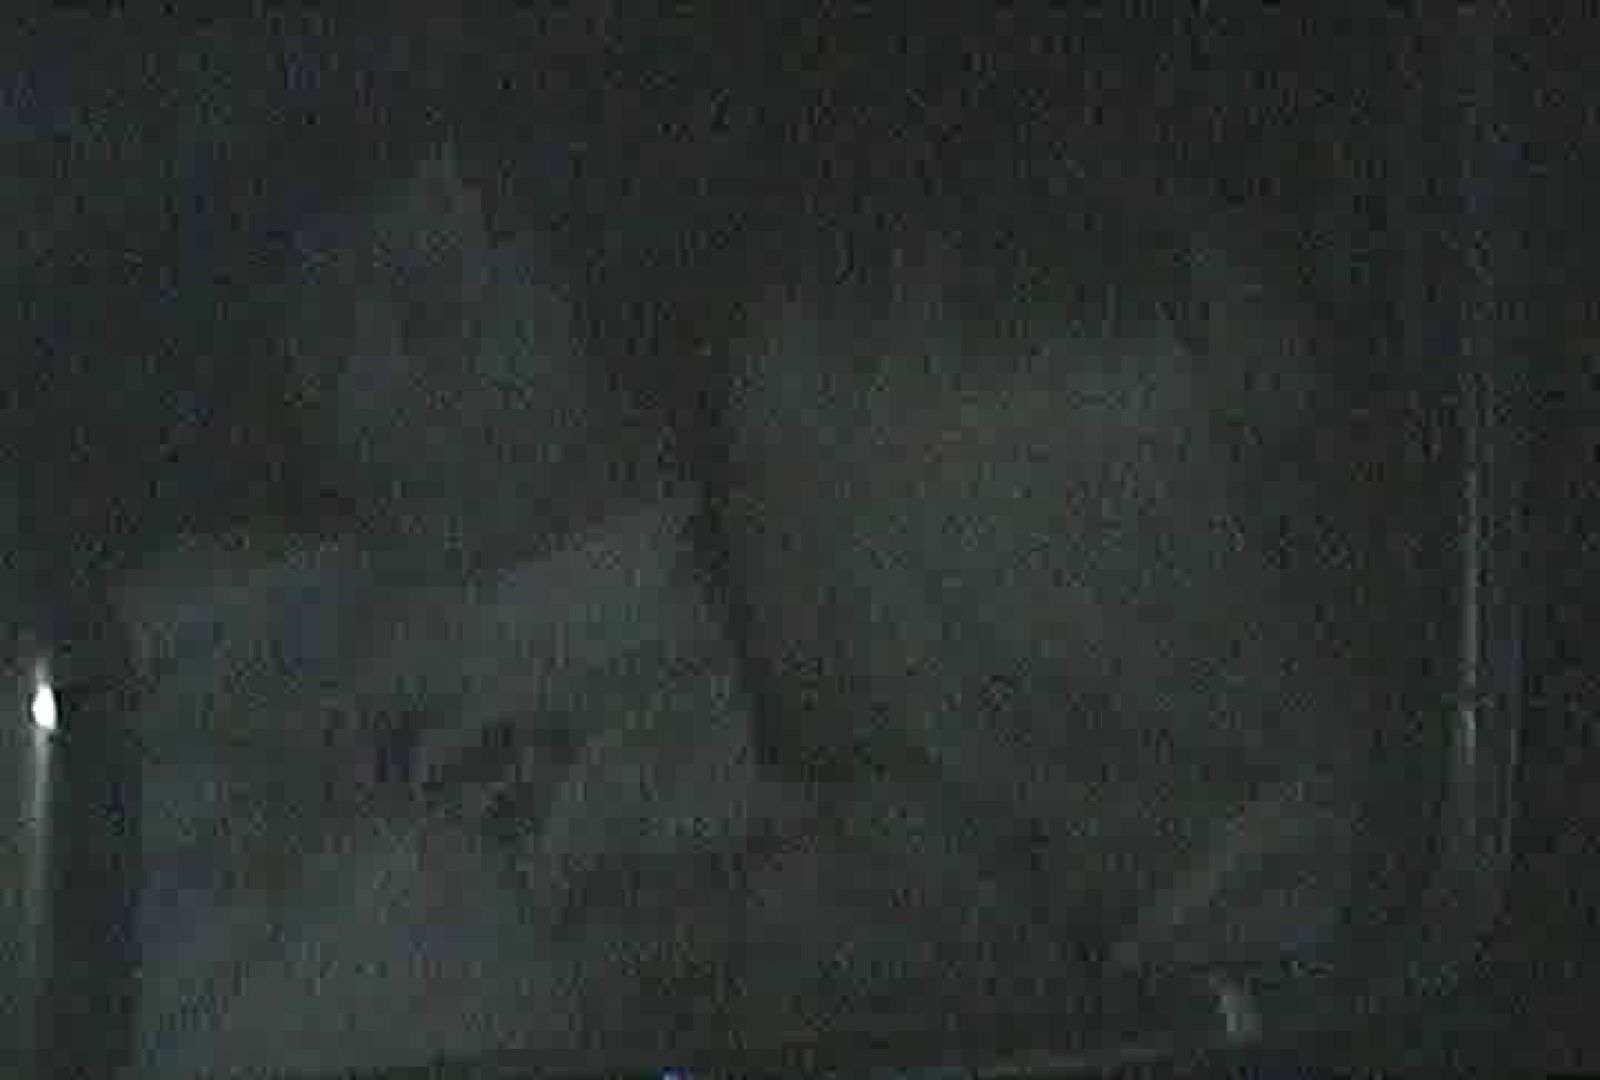 充血監督の深夜の運動会Vol.96 エッチなセックス SEX無修正画像 106画像 63